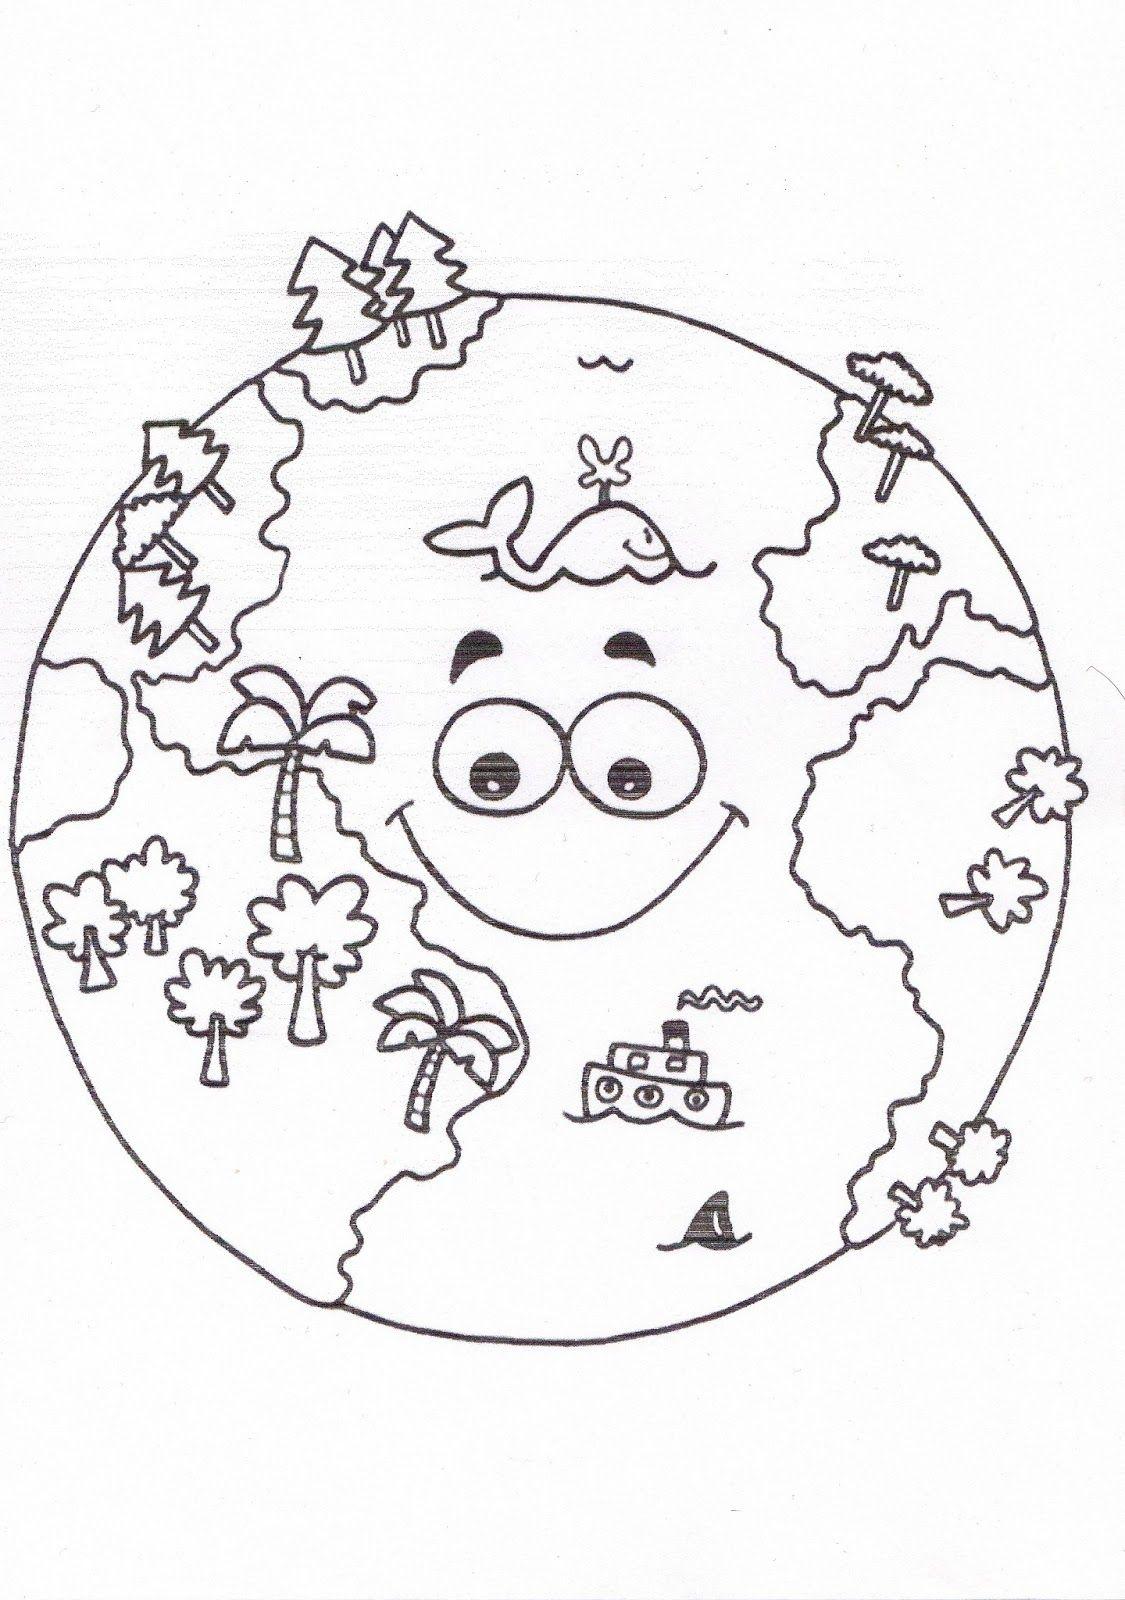 Pin von Tuba auf O.Ö-Uzay | Pinterest | Unsere erde, Raumfahrt und Erde